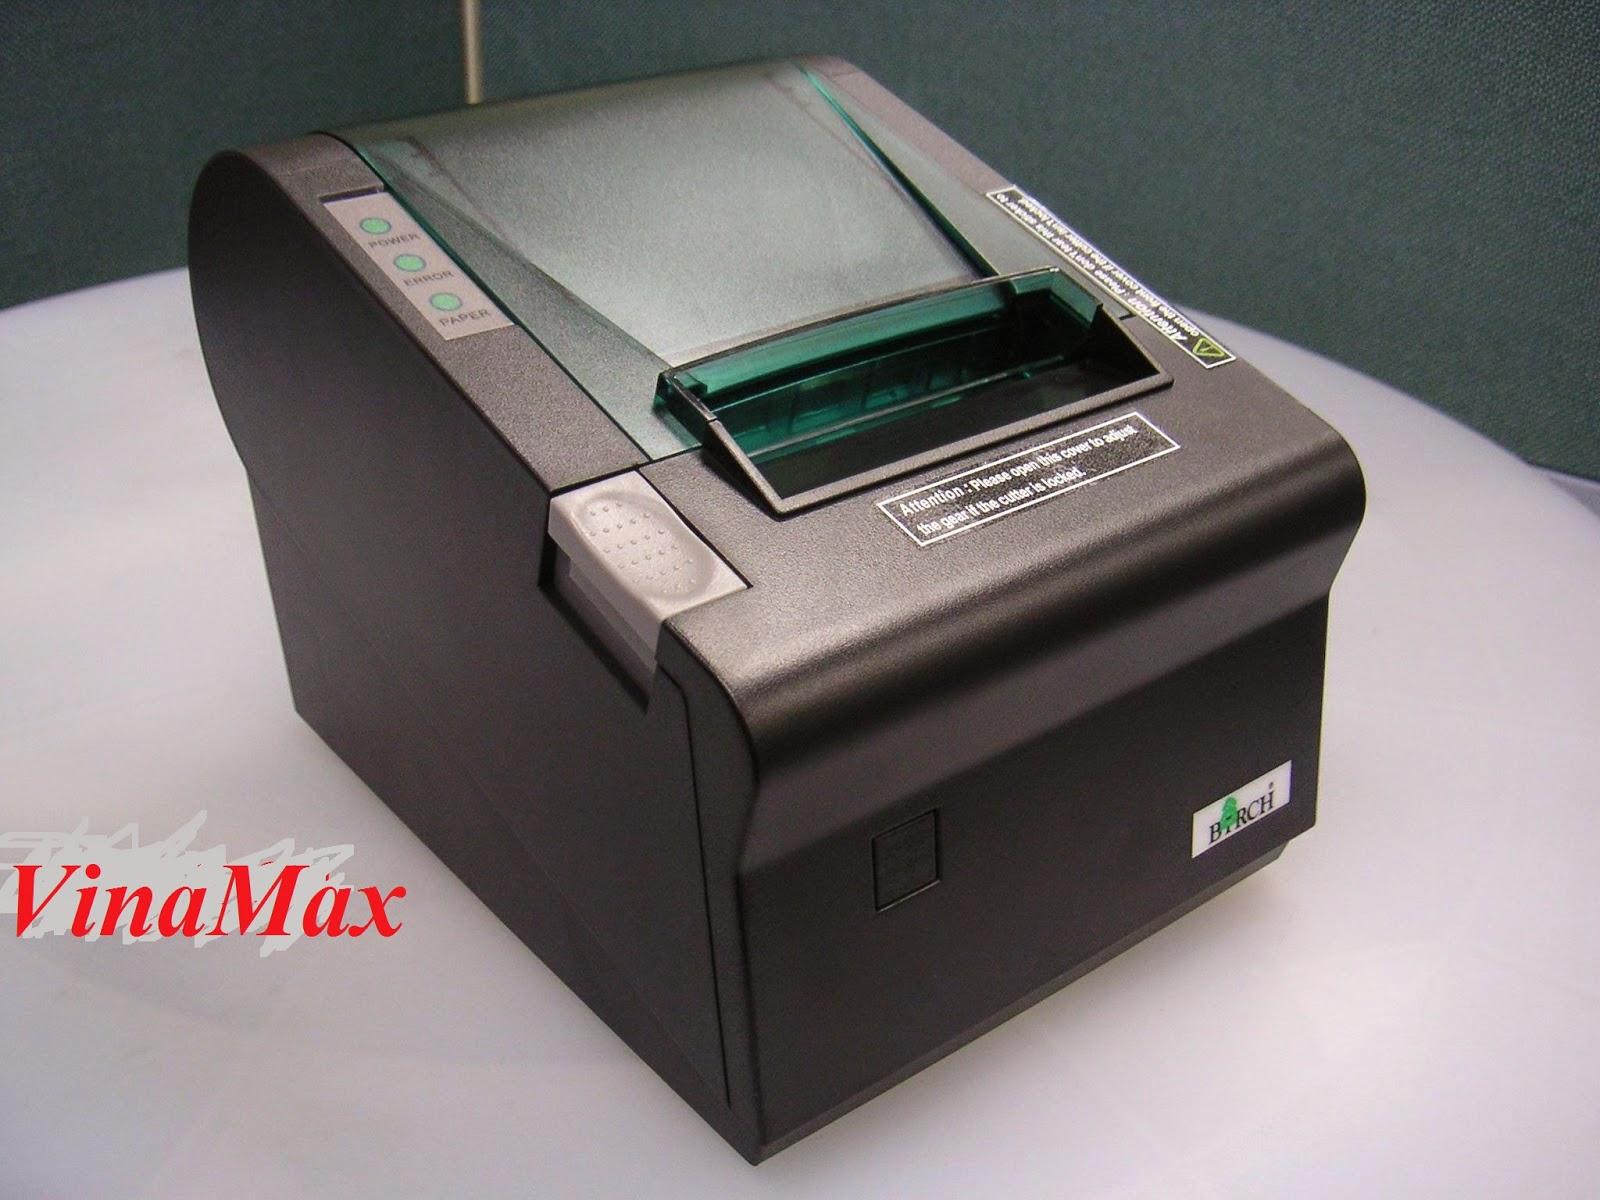 Máy in hóa đơn, máy in hóa đơn bán hàng, máy in hóa đơn bán lẻ